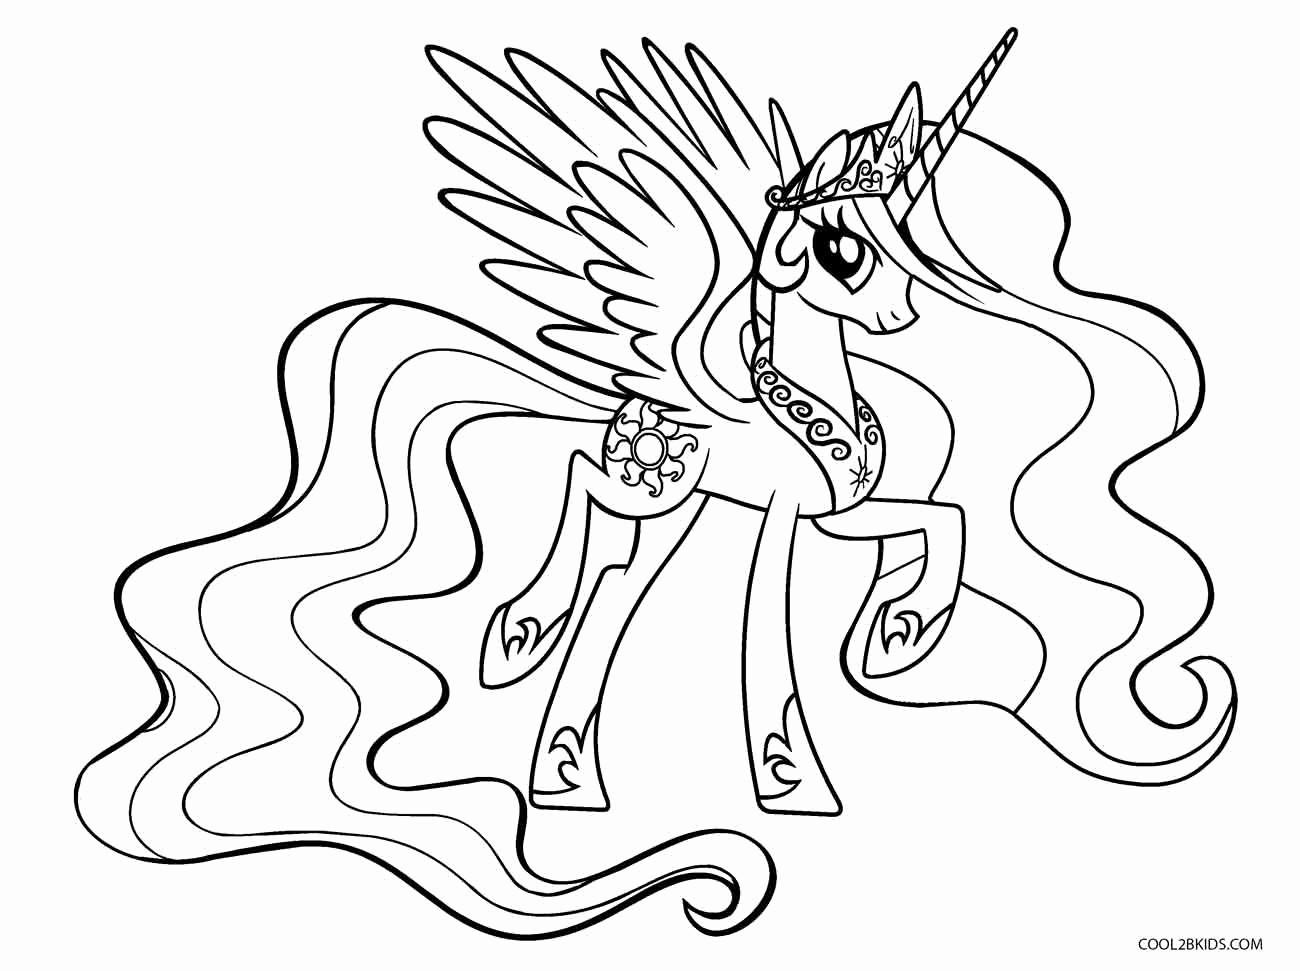 My Little Pony Ausmalbild Neu 56 Luxus Stock My Little Pony Ausmalbilder Zum Ausdrucken Das Bild